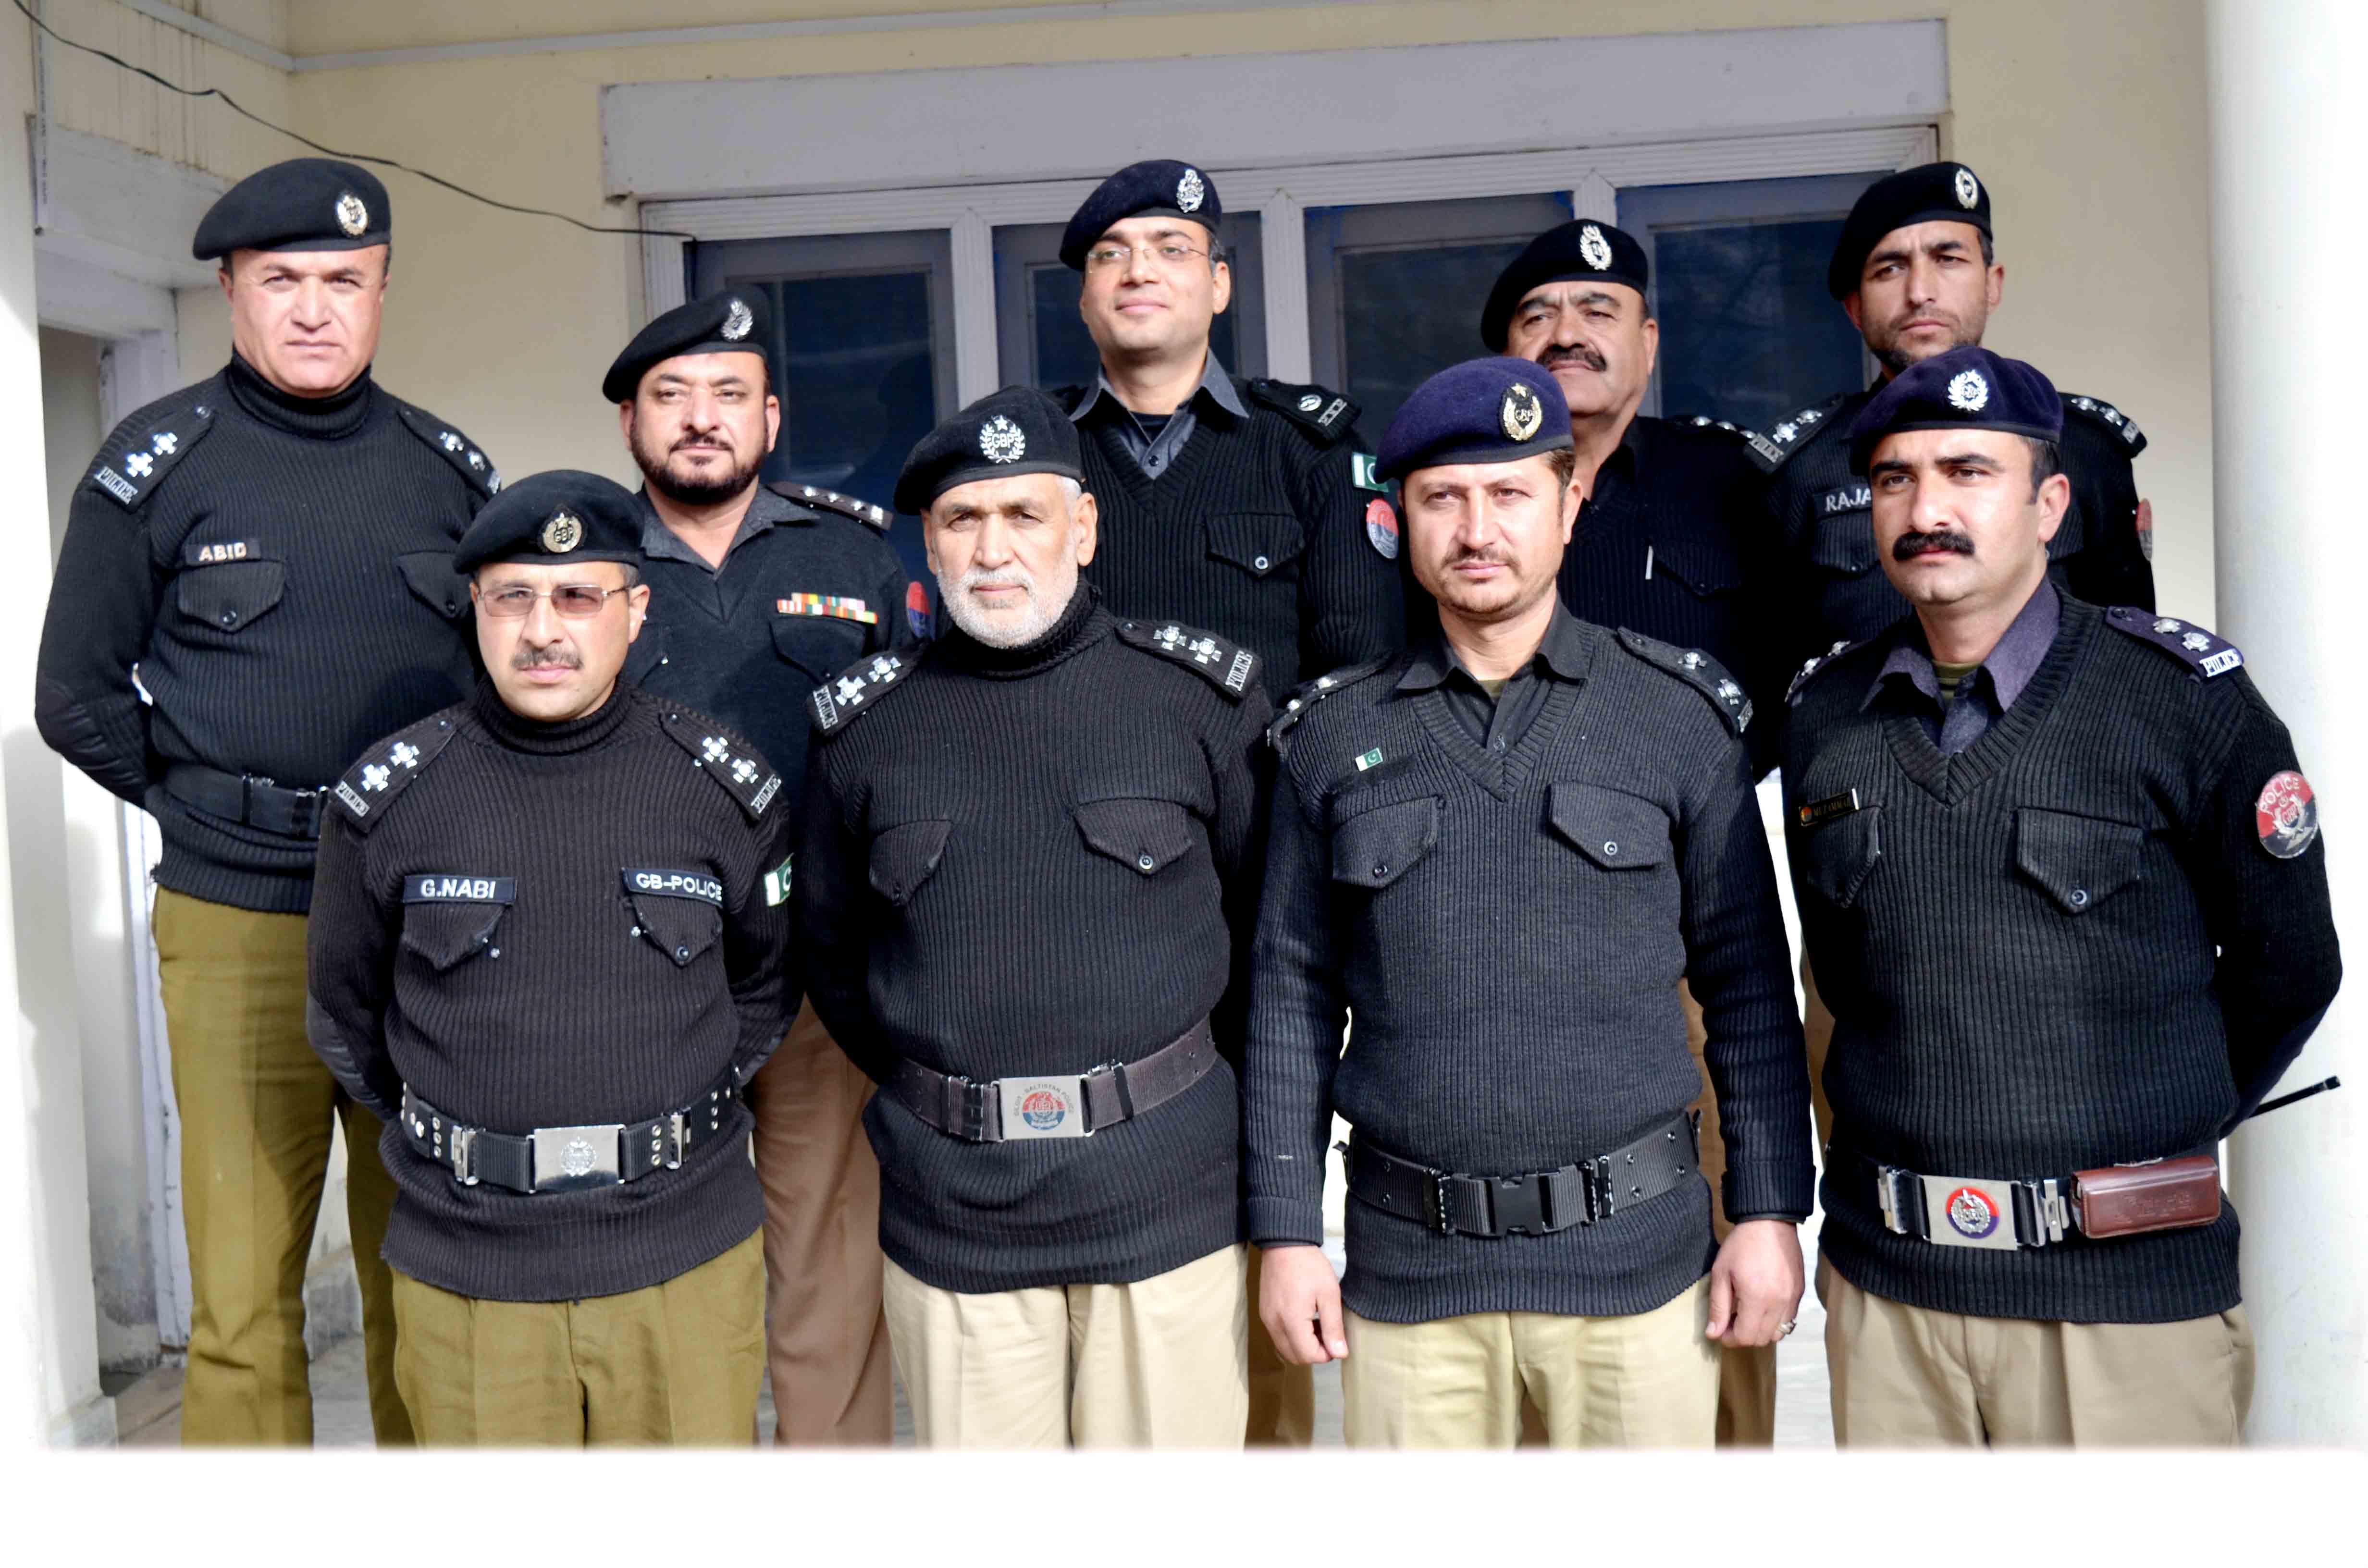 اچھی کارکردگی دکھانے پر ہنزہ پولیس کے افسران اور جوانوں کو نقد انعامات اور اسناد سے نوازا گیا